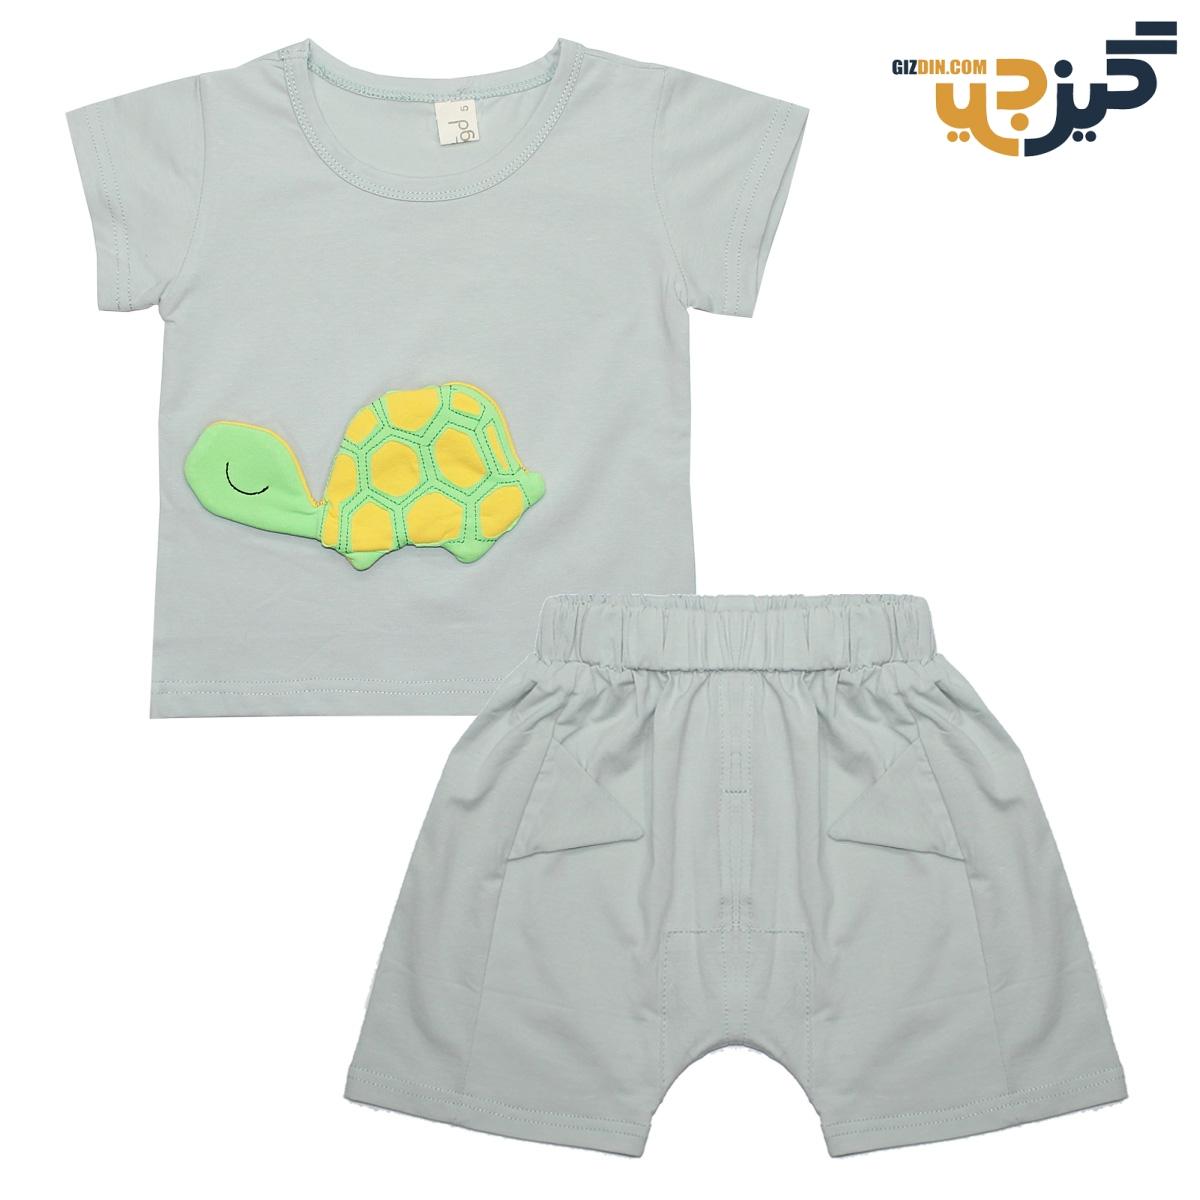 تیشرت و شلوارک طرح لاکپشت سدری کد :ch101-2